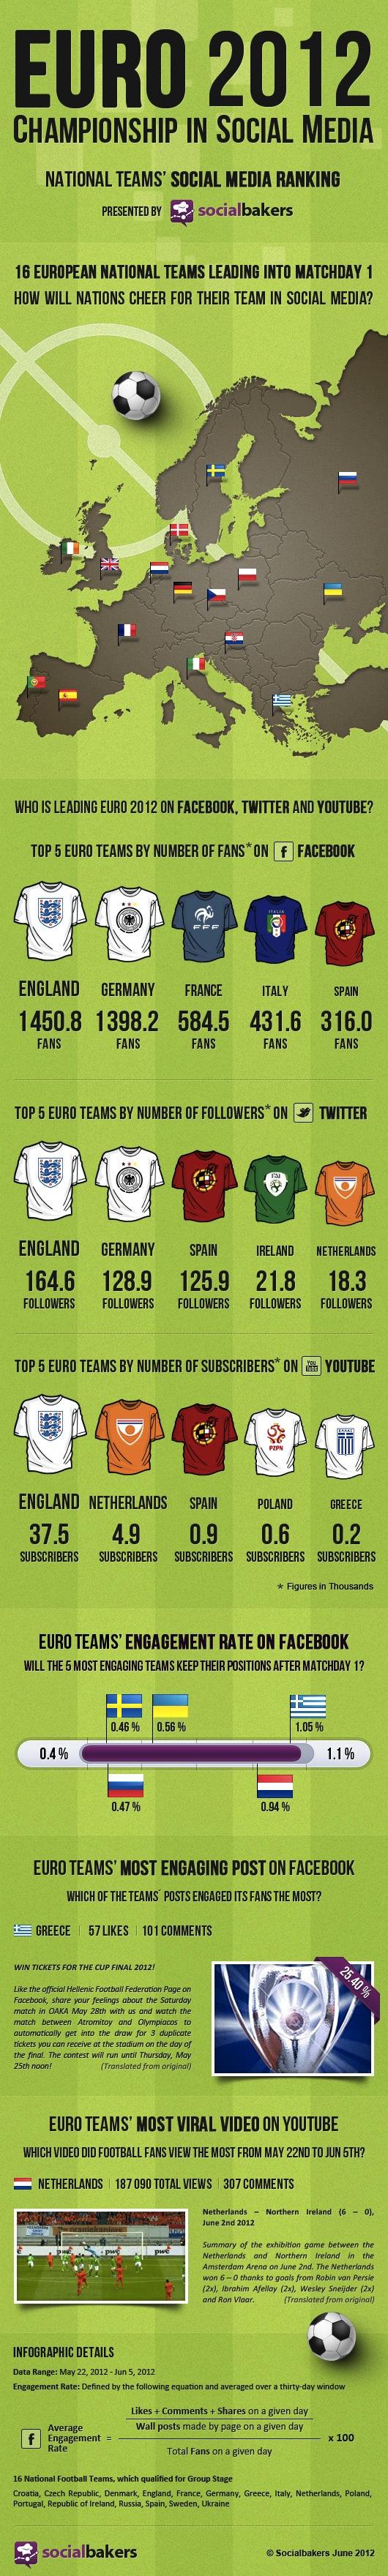 Кой ще спечели Euro 2012, кoи са вашите любими отбори?